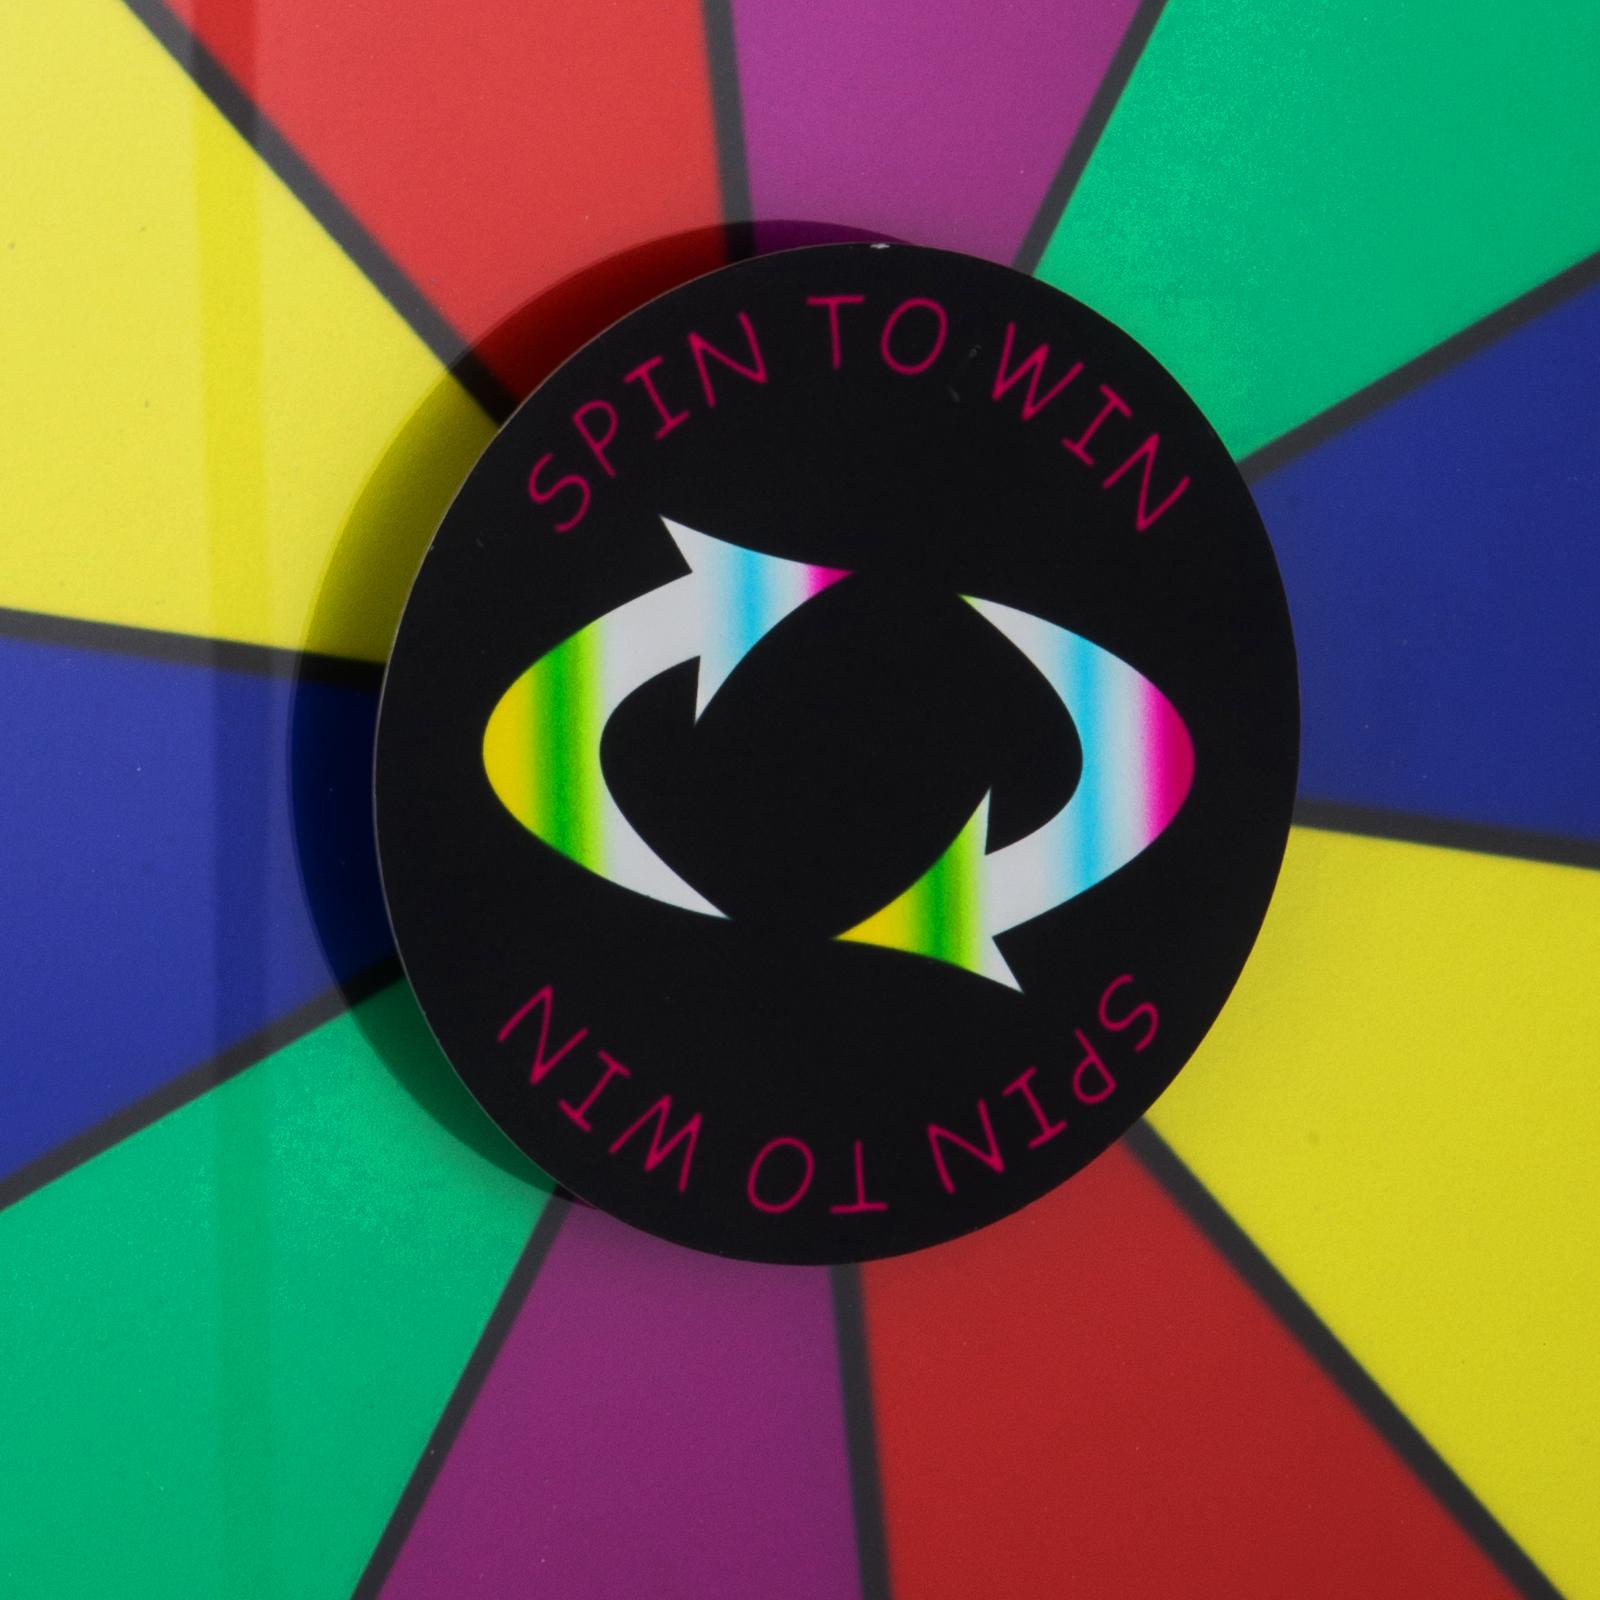 24-18-15-Ruota-Della-Fortuna-di-Colore-14-Slots-Gioco-Spin-Con-Supporto-Festa miniatura 44